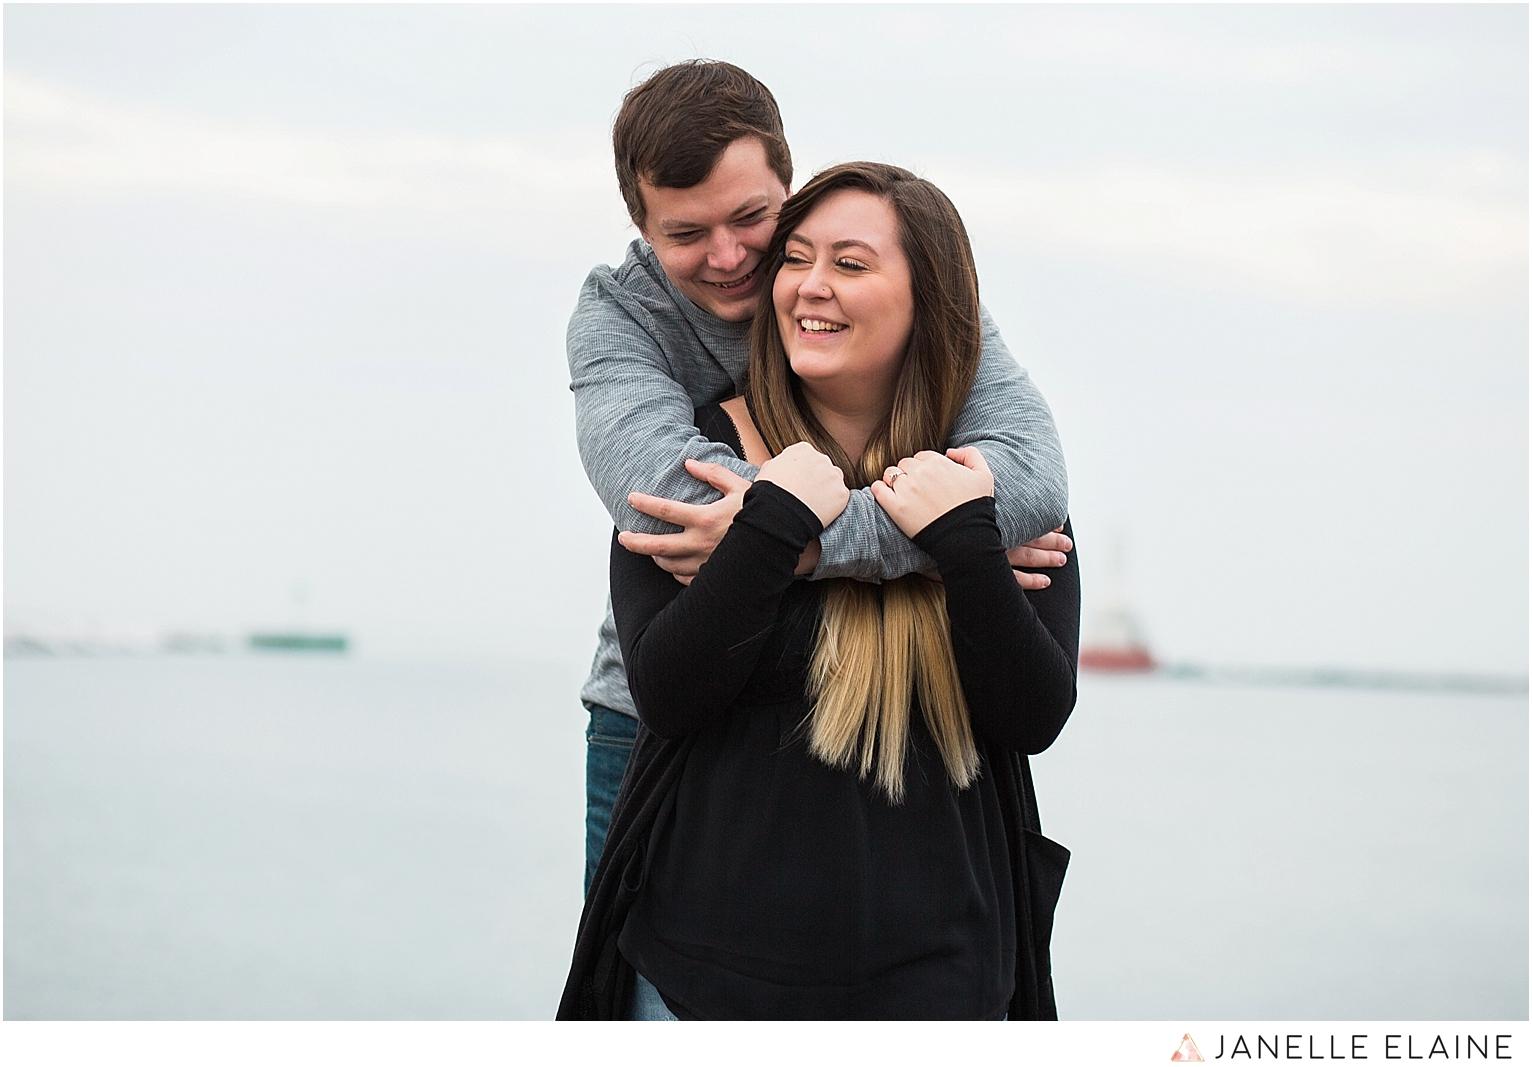 seattle-washington-engagement-photographers-janelle elaine-116.jpg